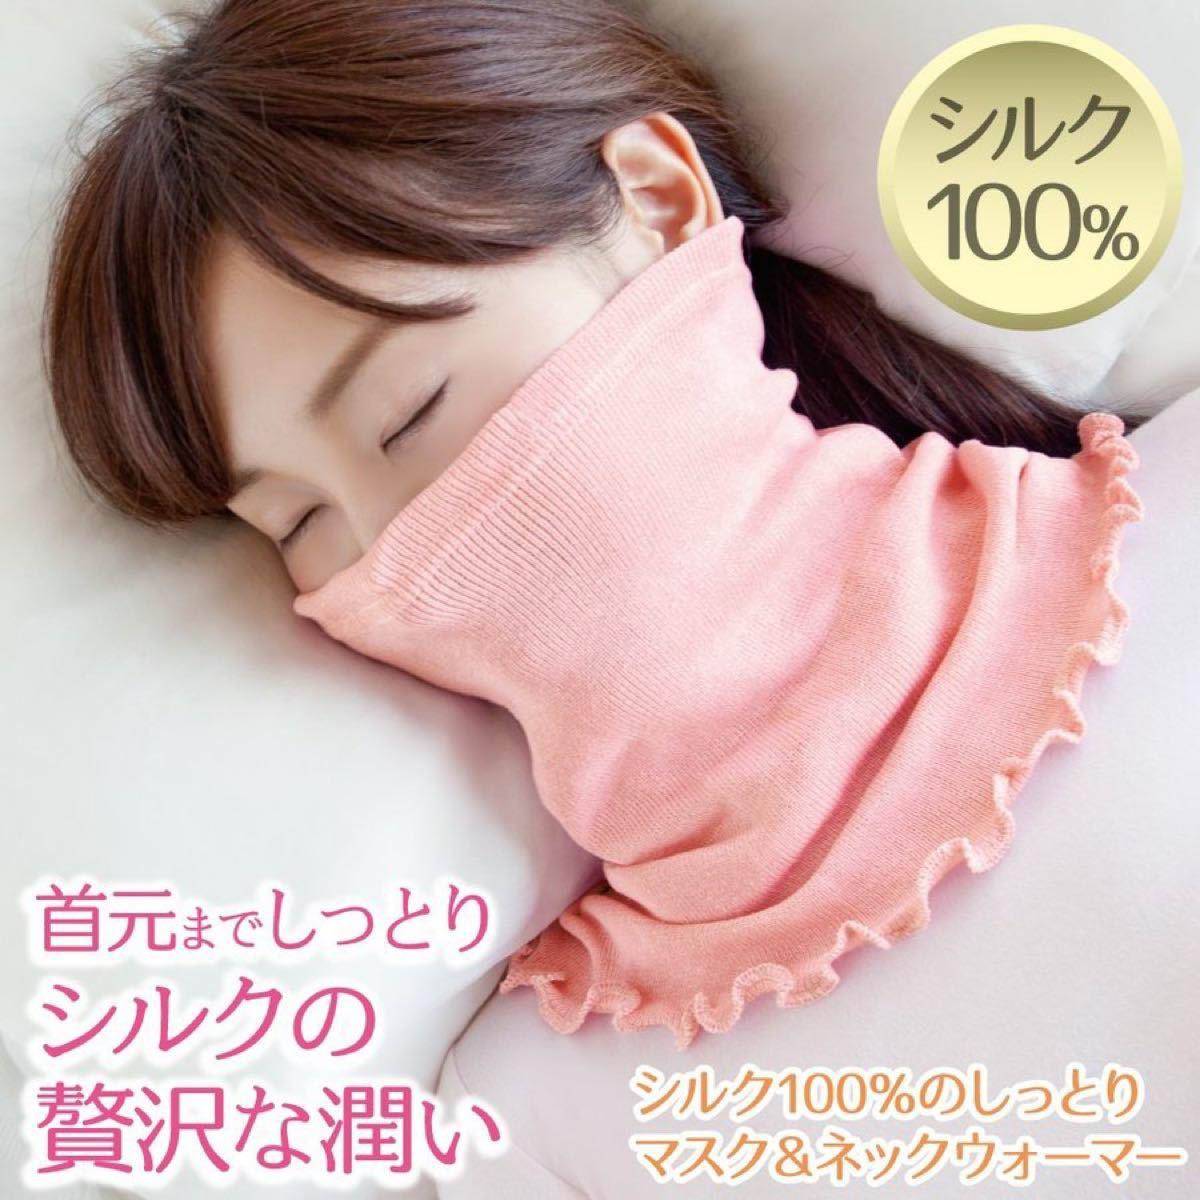 シルク ネックウォーマー スヌード マフラー レディース おしゃれ 絹 就寝中 おやすみ中 寝る時 冷房対策 飛沫対策 肌に優しい